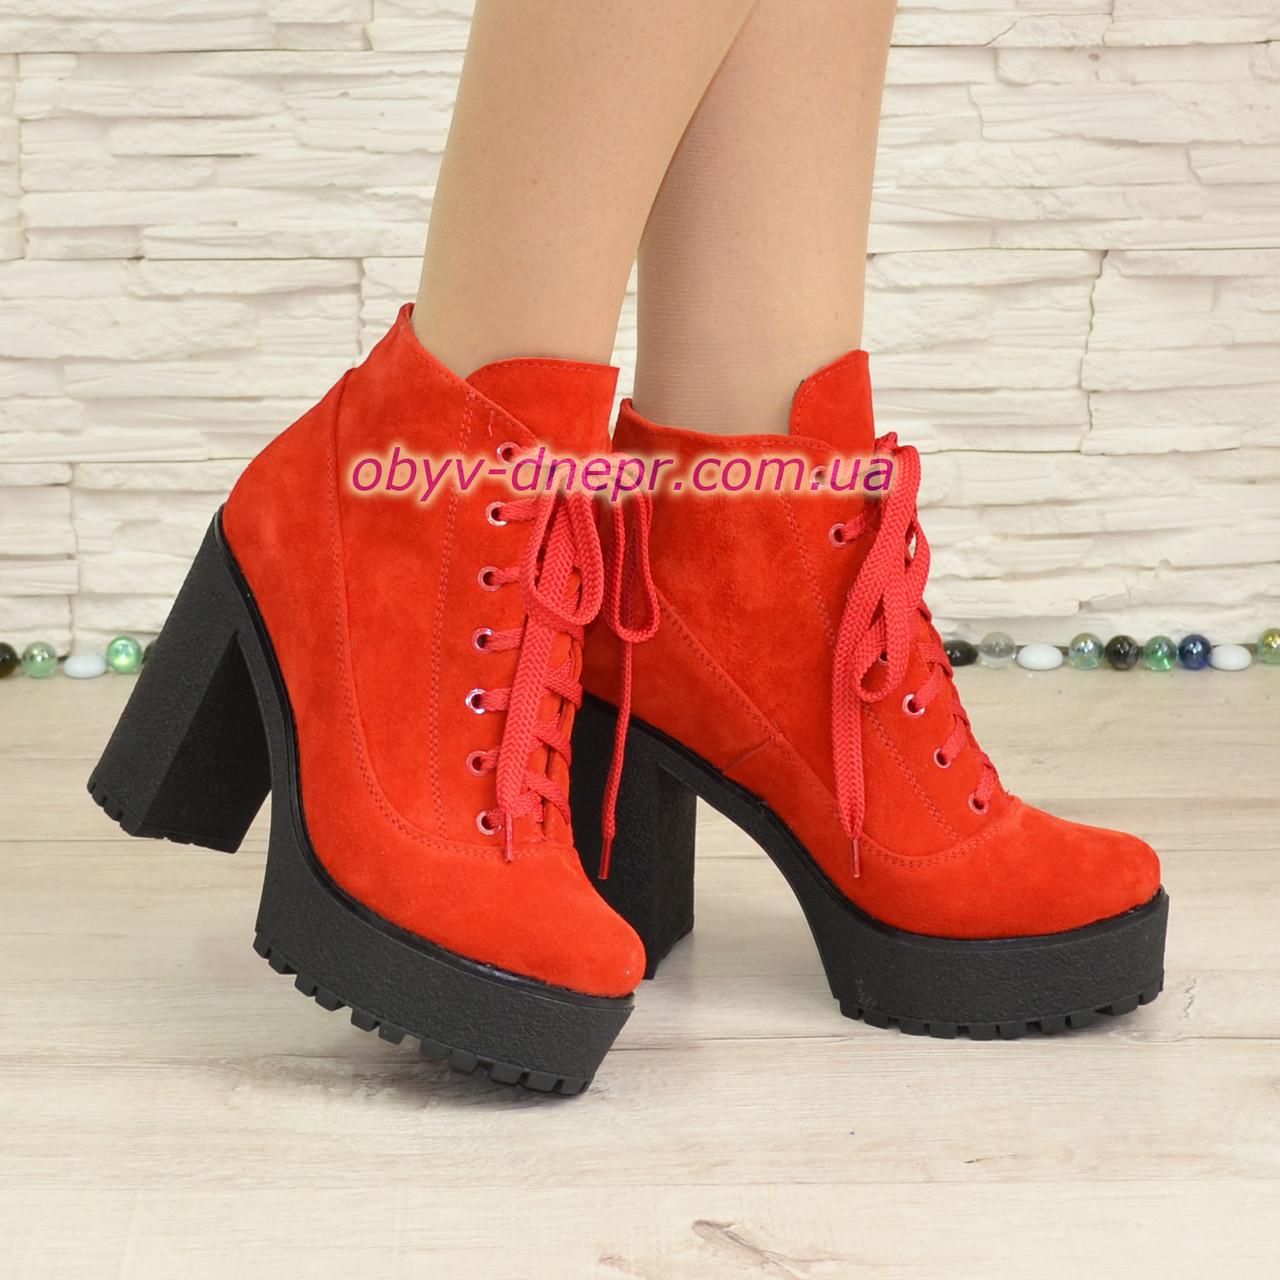 Женские замшевые зимние ботильоны на высоком каблуке, цвет красный